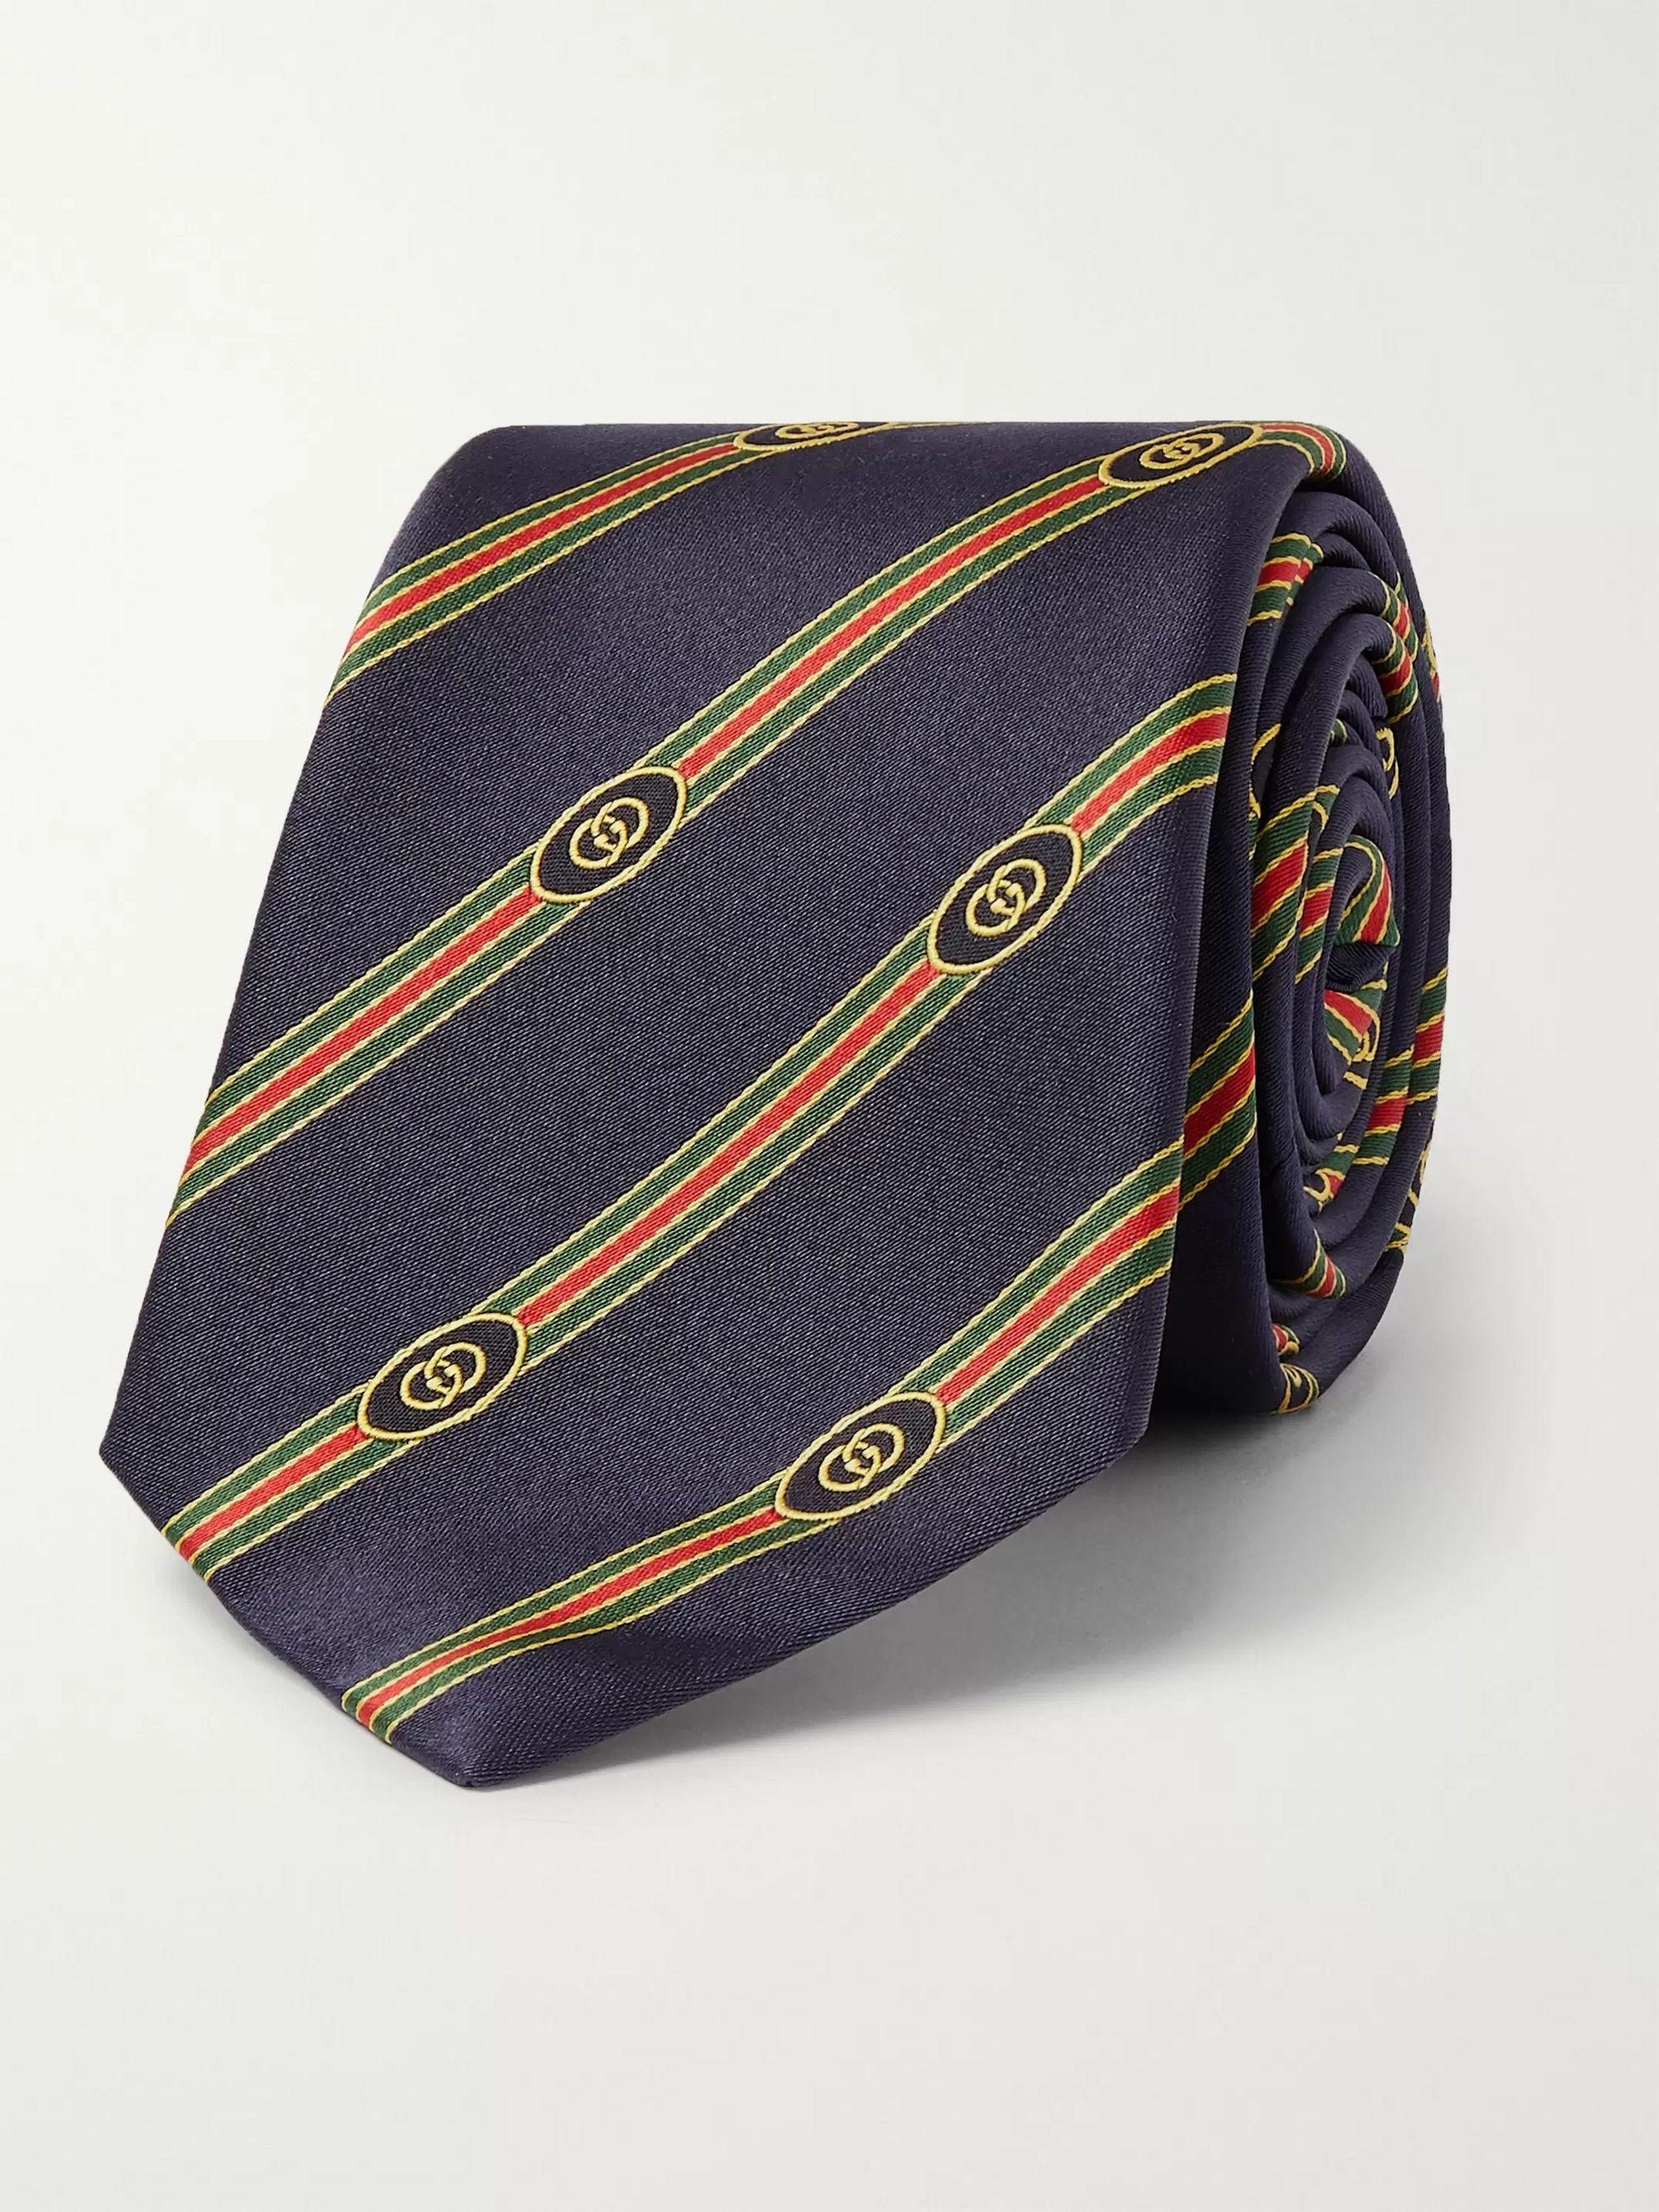 구찌 넥타이 Gucci 7cm Logo-Jacquard Silk Tie,Navy